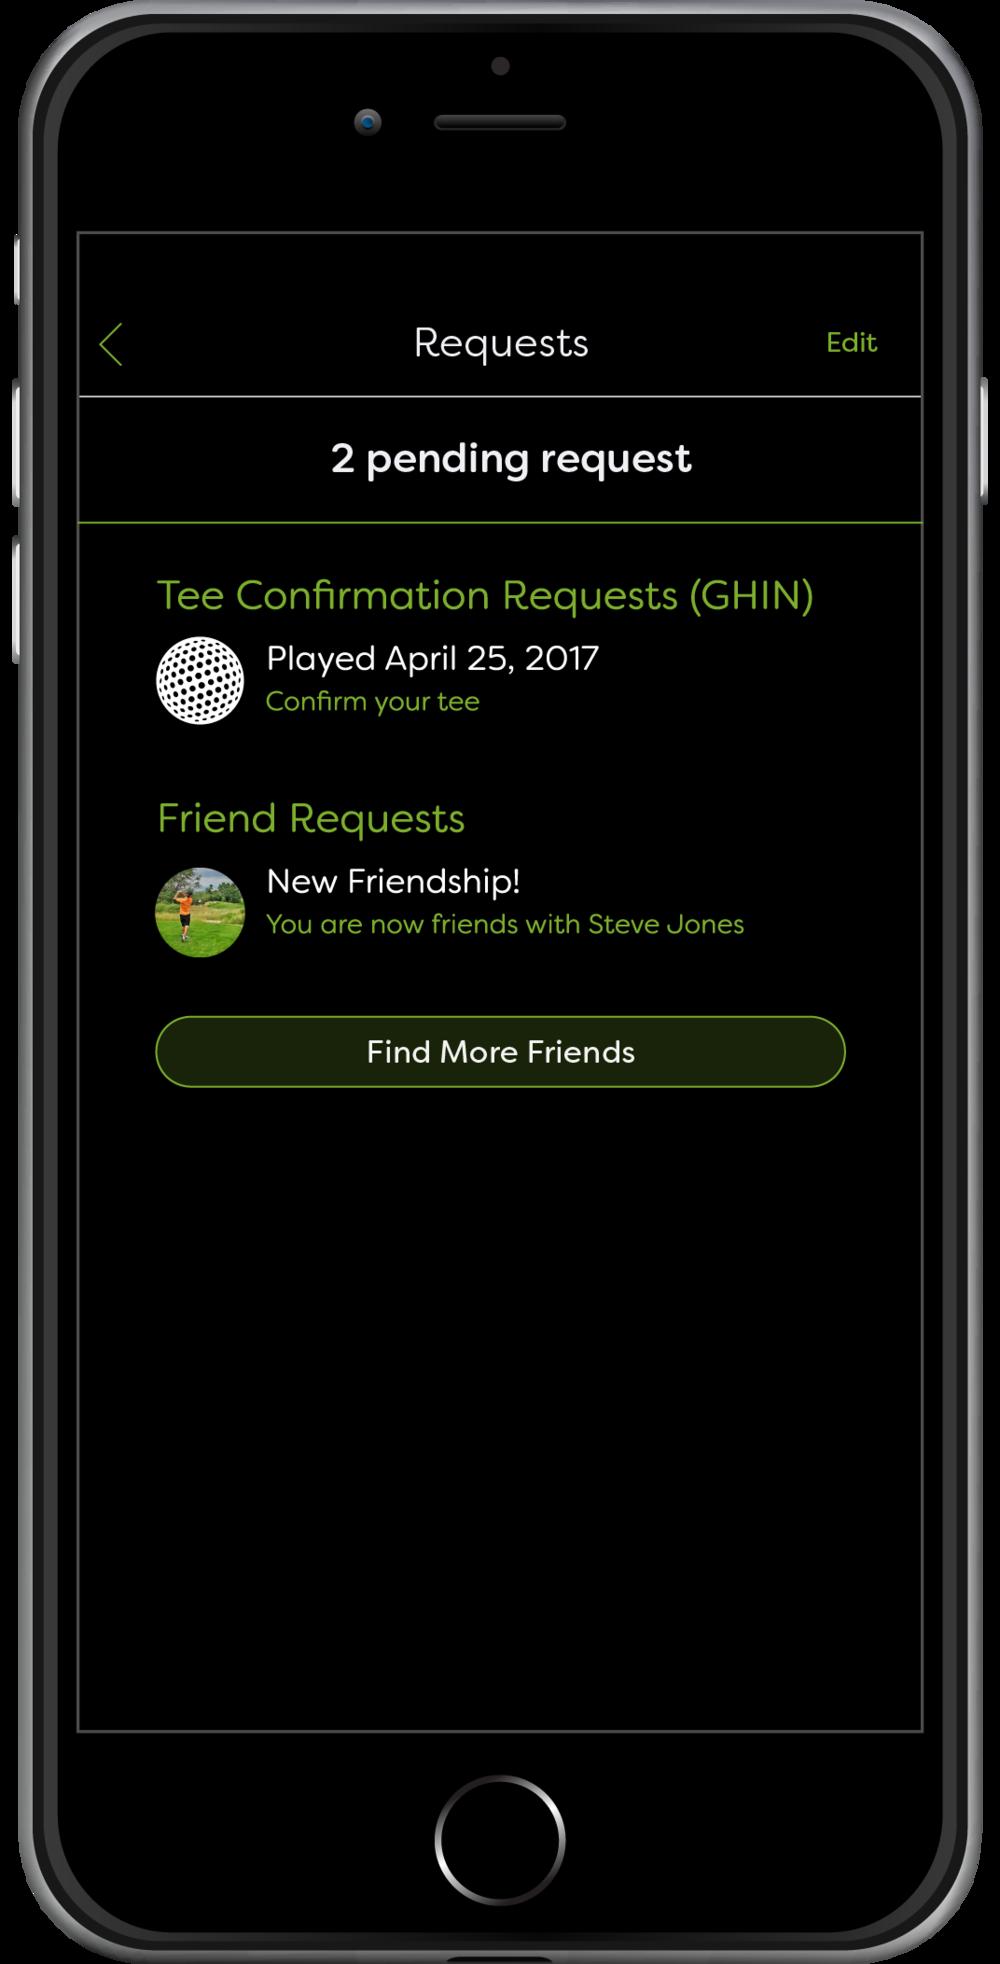 GHIN Request